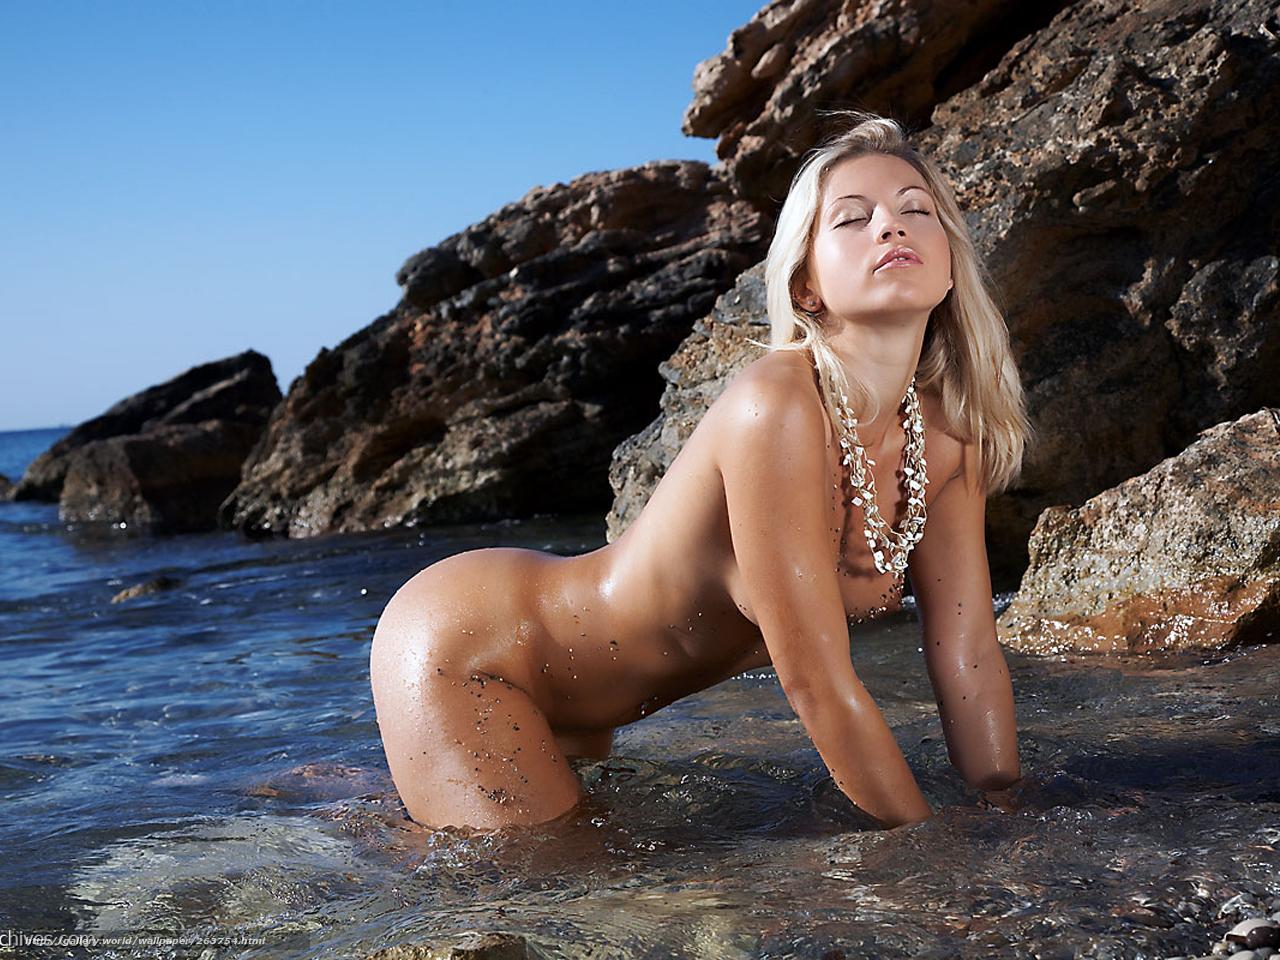 Эротические фото женщин россия 19 фотография